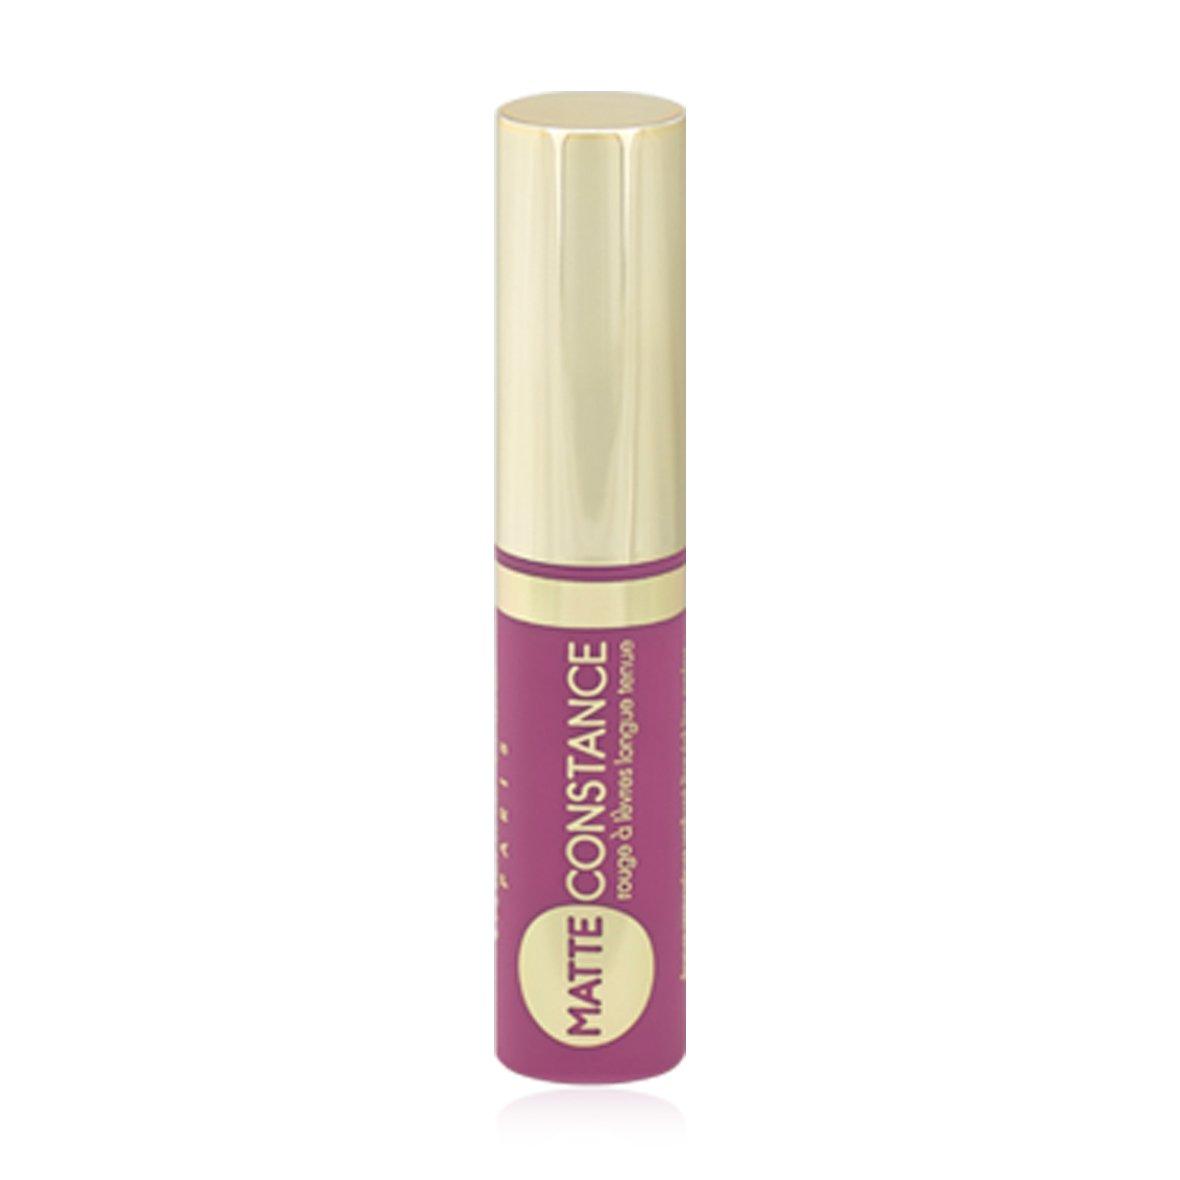 Купить Помада для губ жидкая Vivienne Sabo Matte Constance устойчивая с матовым эффектом 31, 3 мл